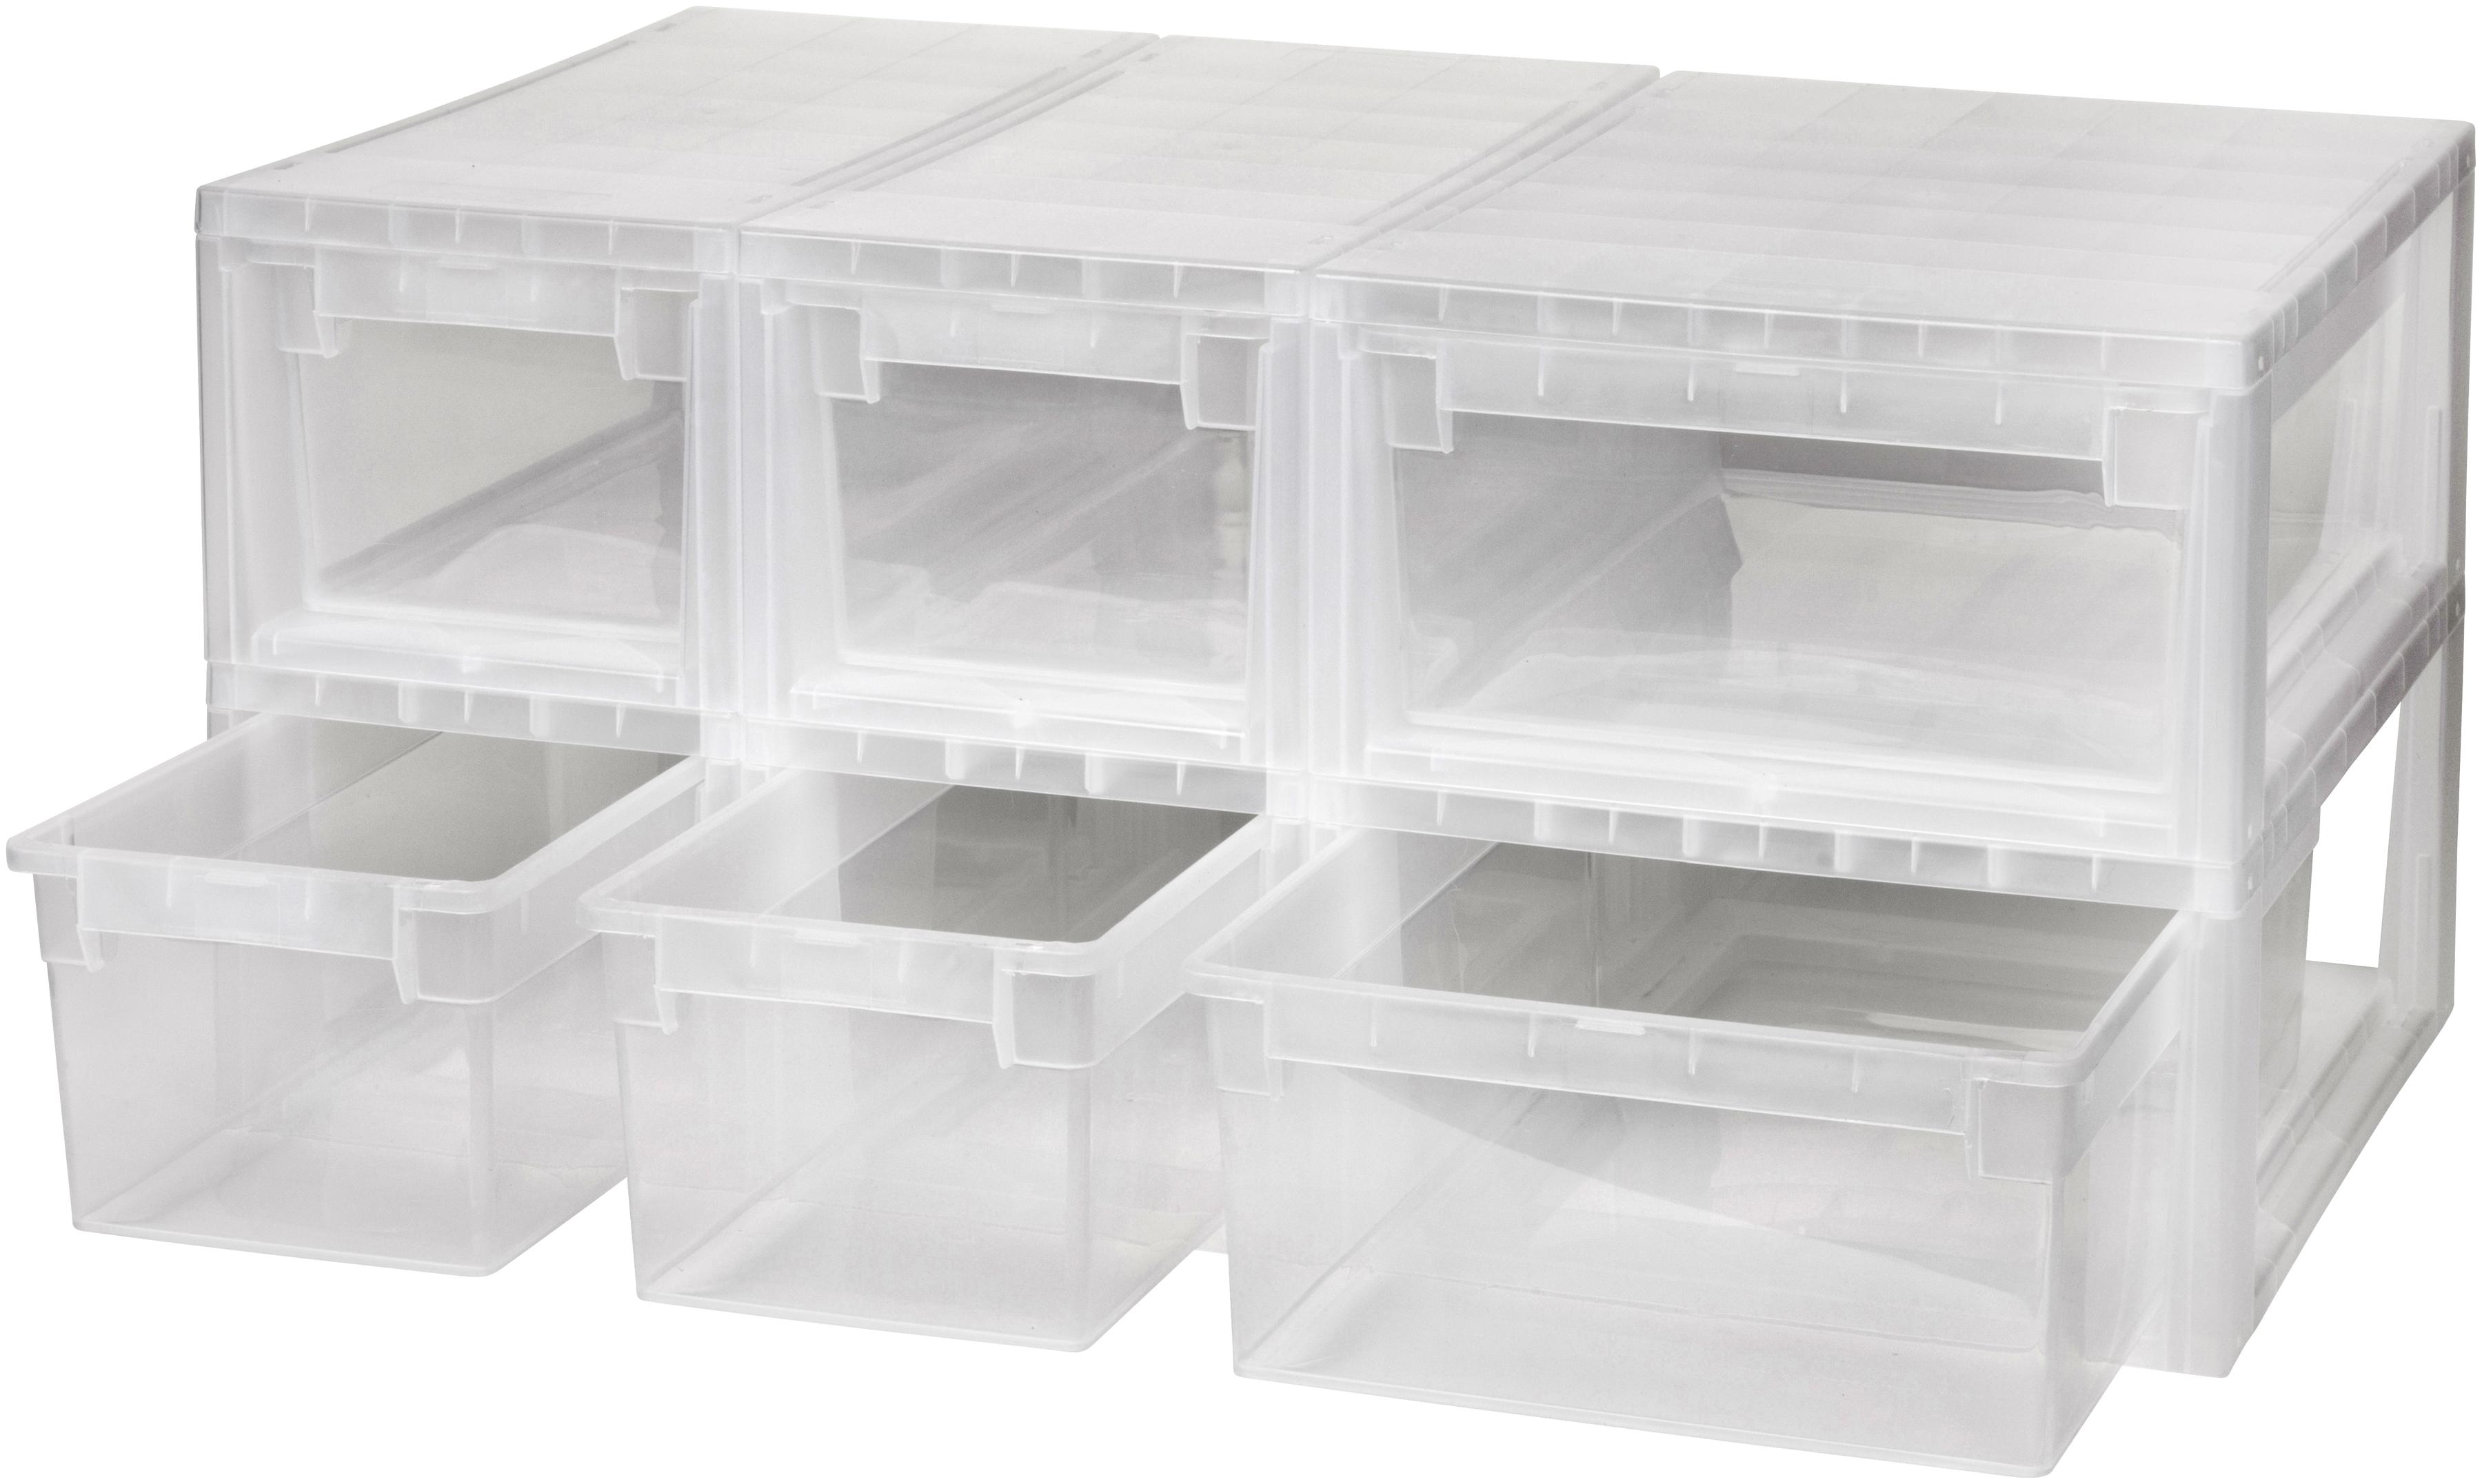 Kreher Aufbewahrungsbox, (Set, 6 St.) farblos Kleideraufbewahrung Aufbewahrung Ordnung Wohnaccessoires Aufbewahrungsbox